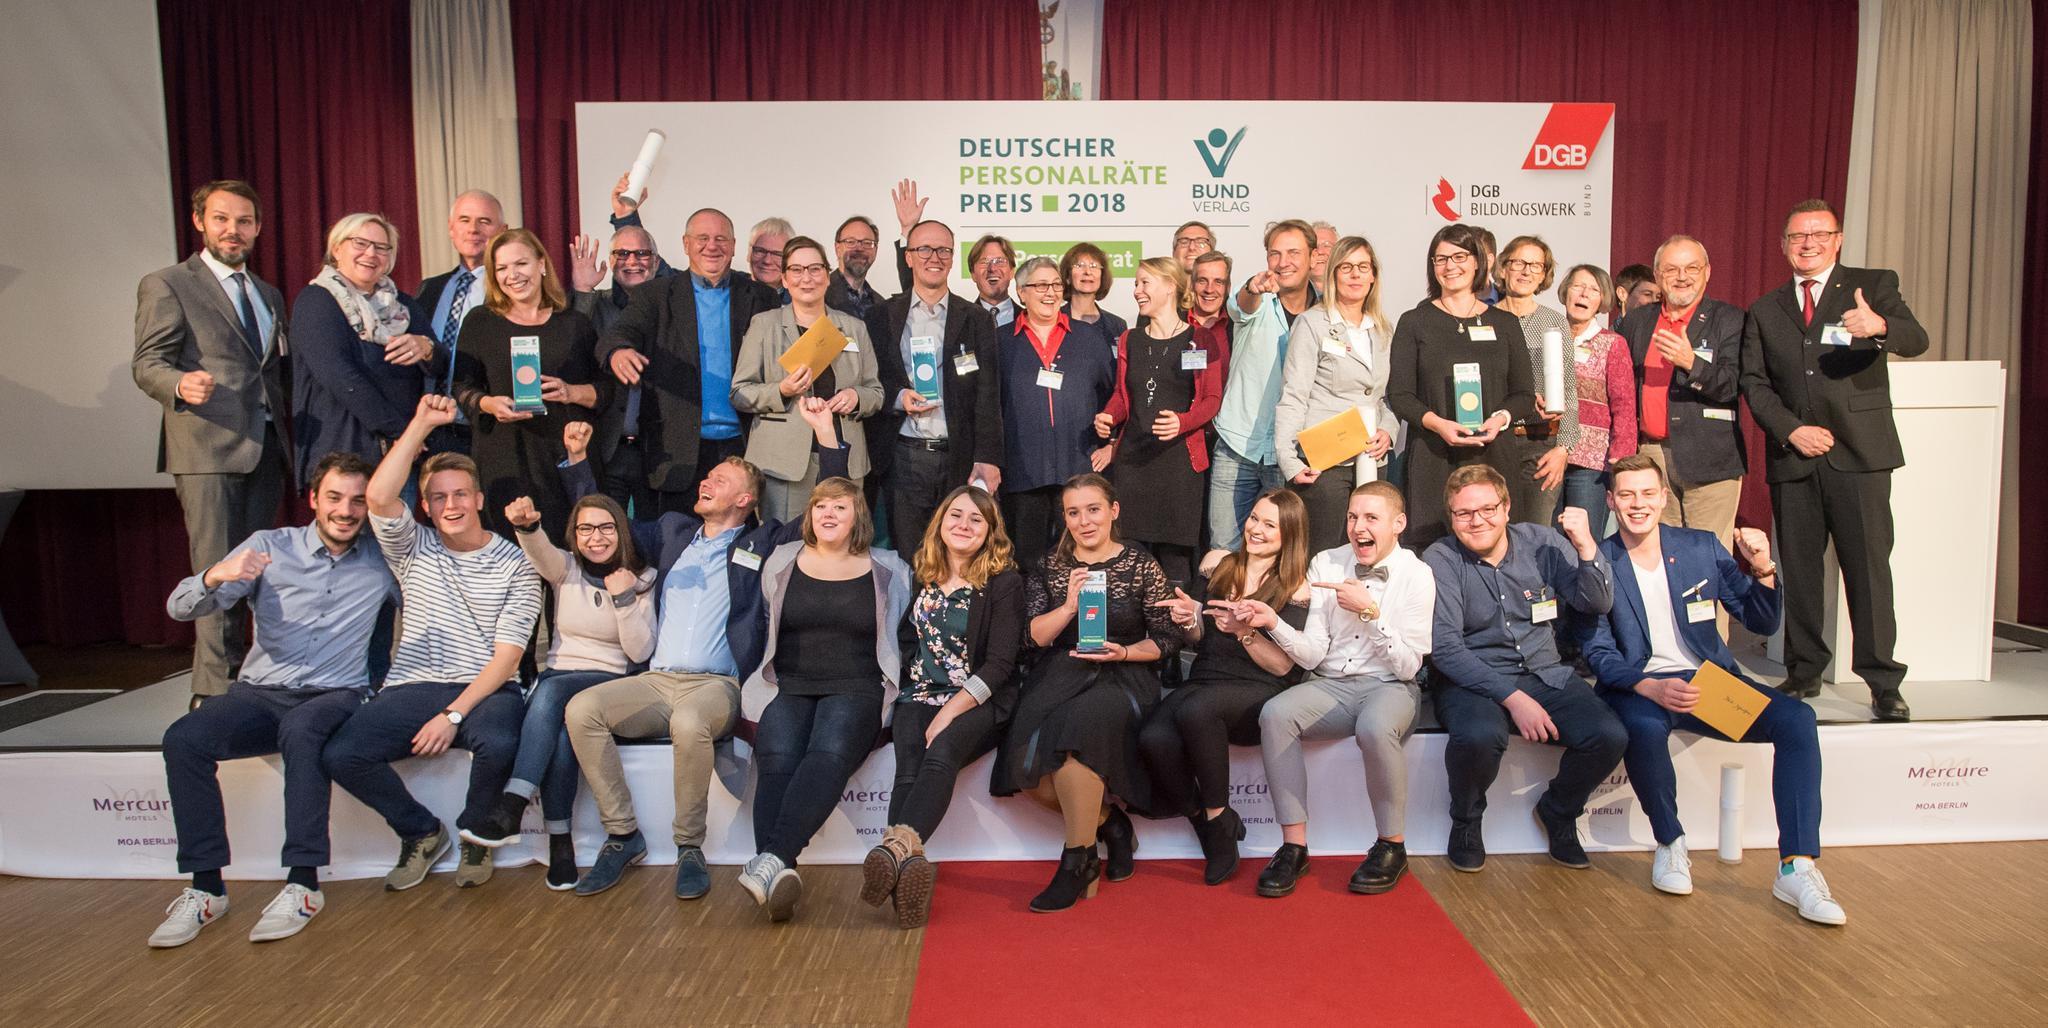 Gruppenfoto alle Teilnehmerinnen und Teilnehmer des Deutschen Personalrätepreises